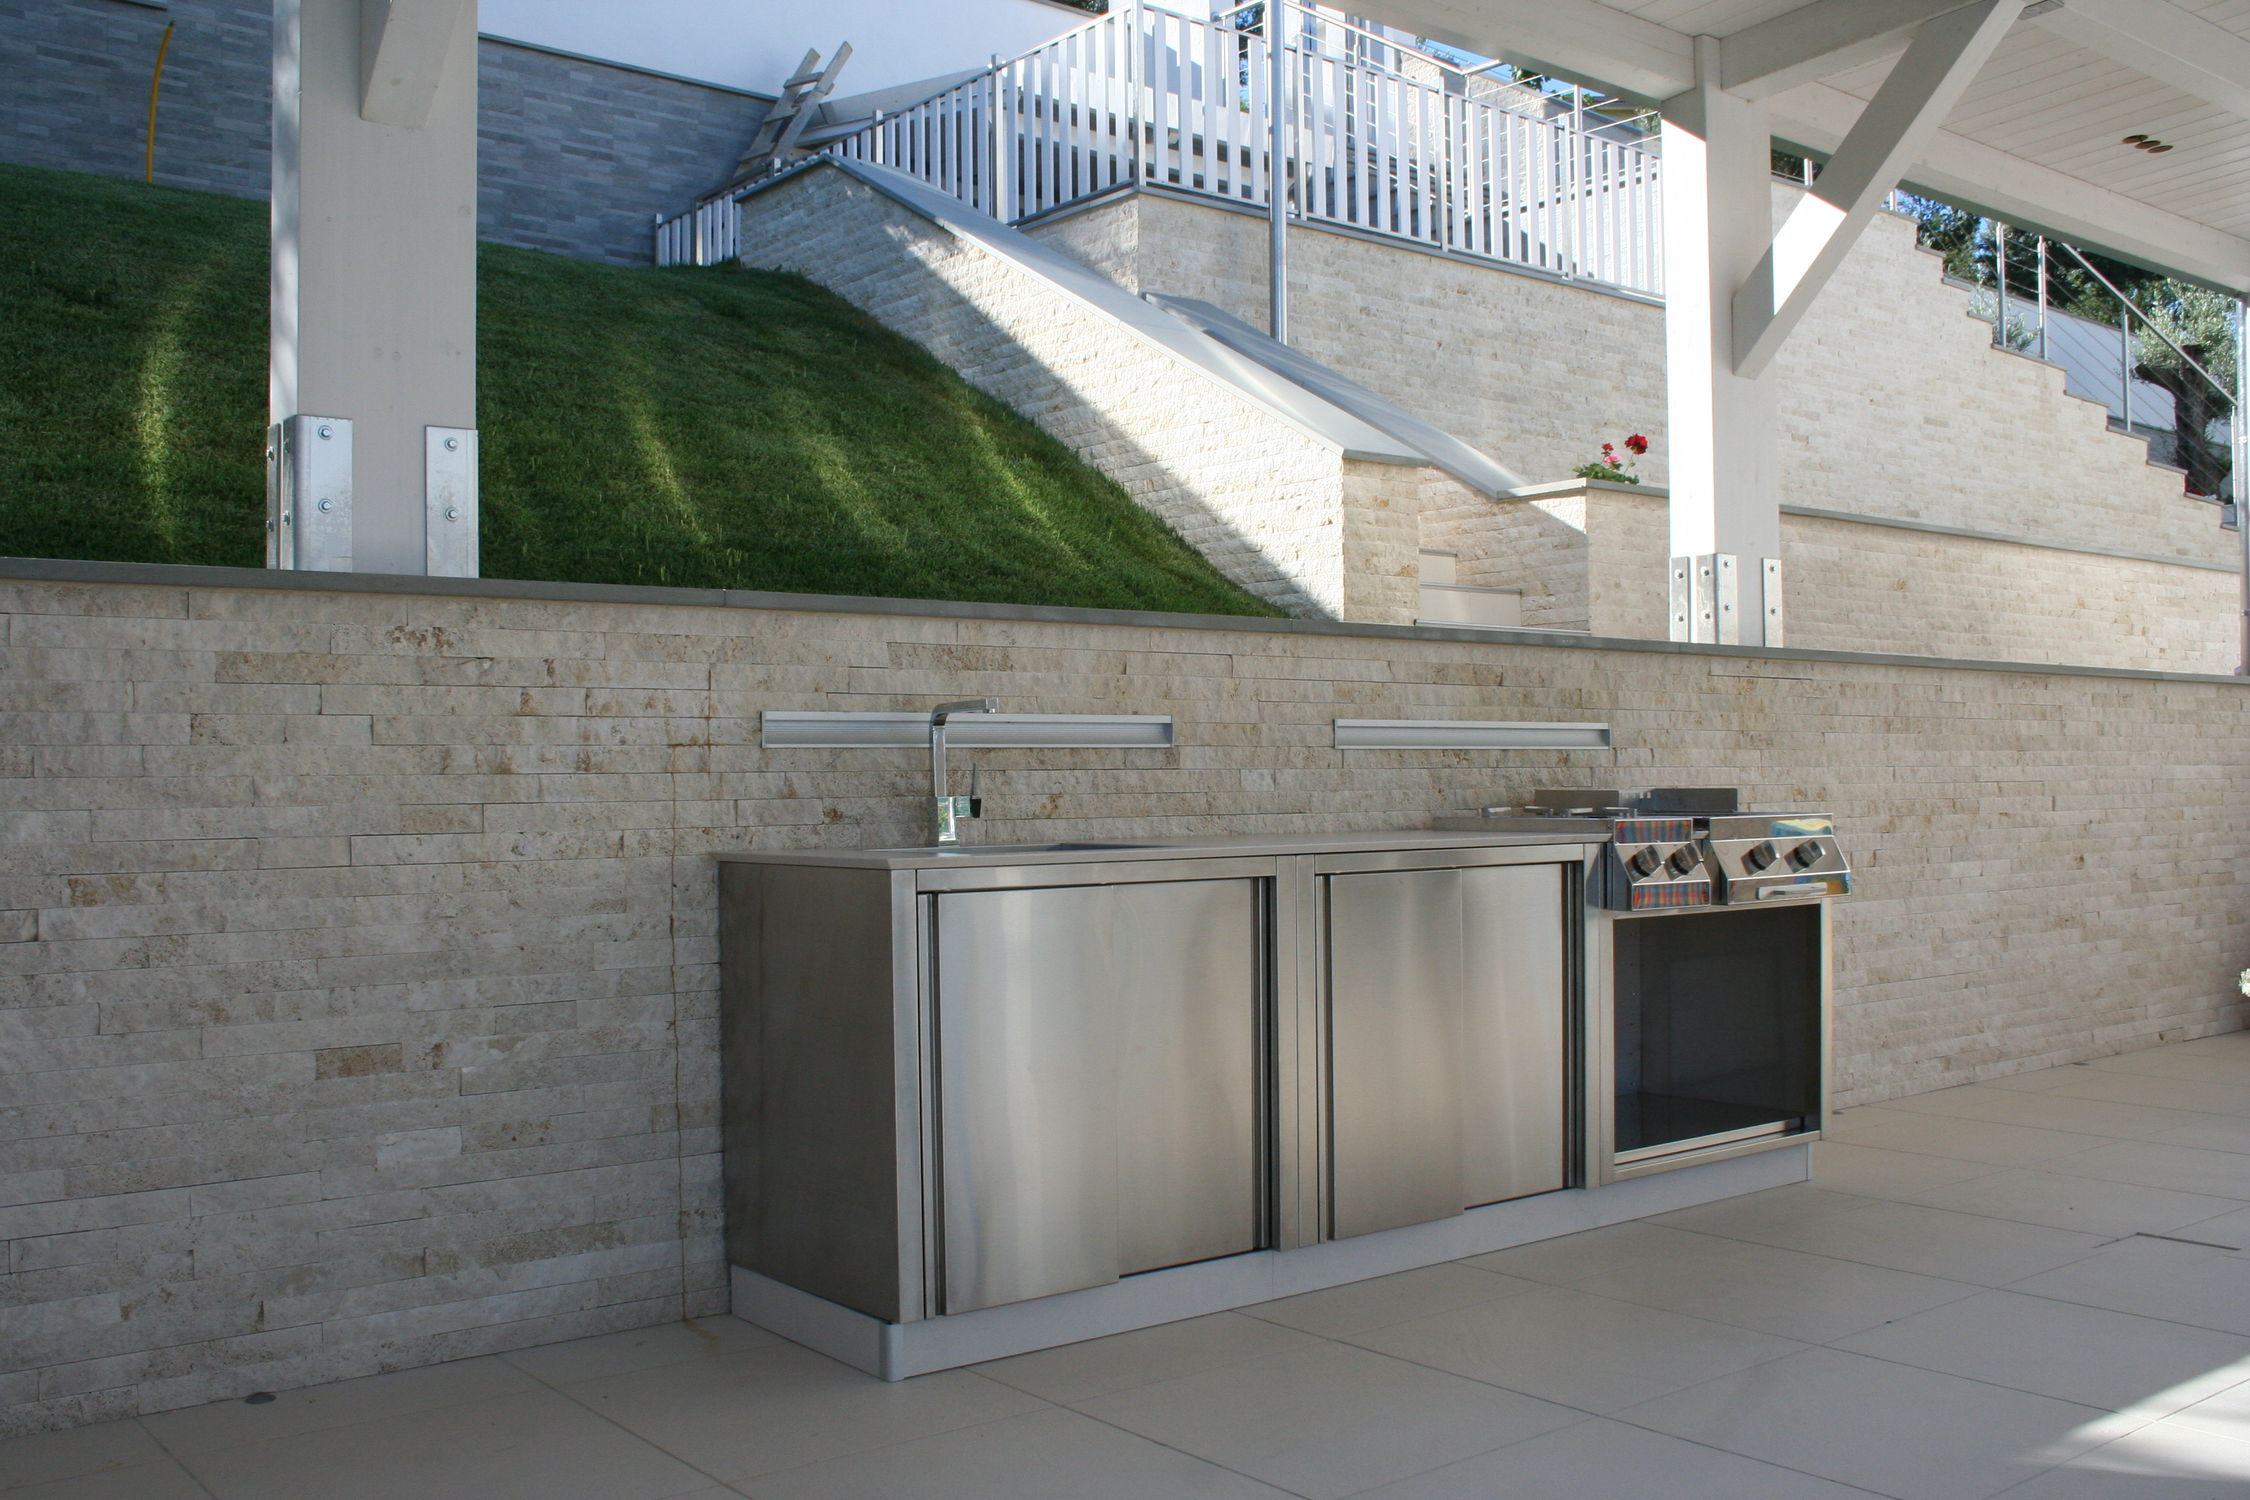 Outdoor Küche Edelstahl Preis : Flexible outdoorküche pico mit edelstahl einbaugrill outdoor